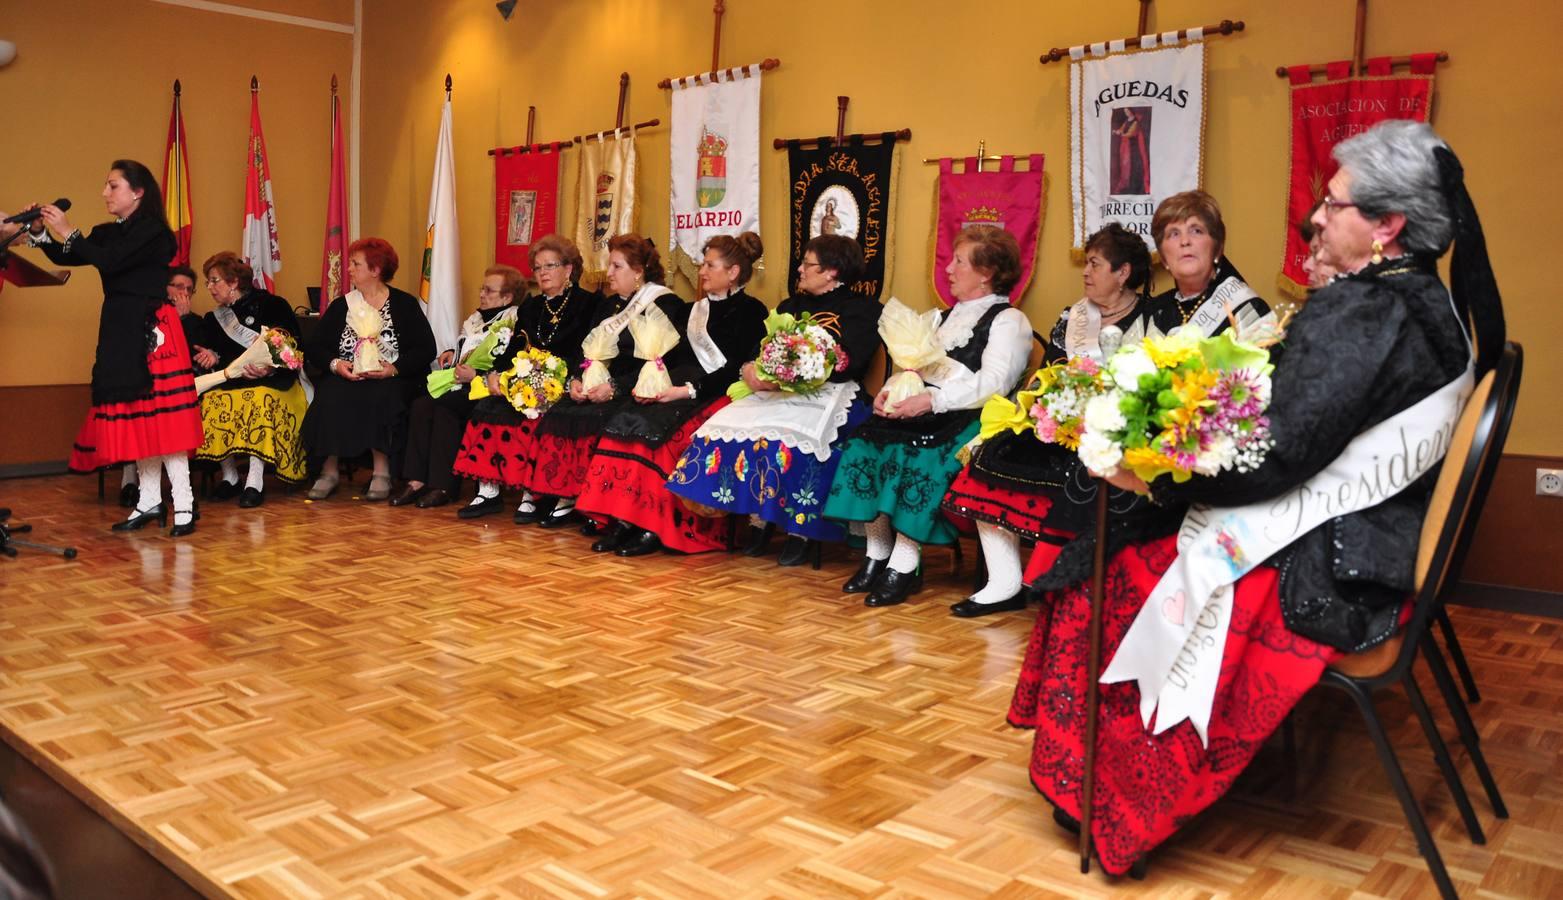 Reunión de Águedas en Fresno el Viejo. Valladolid